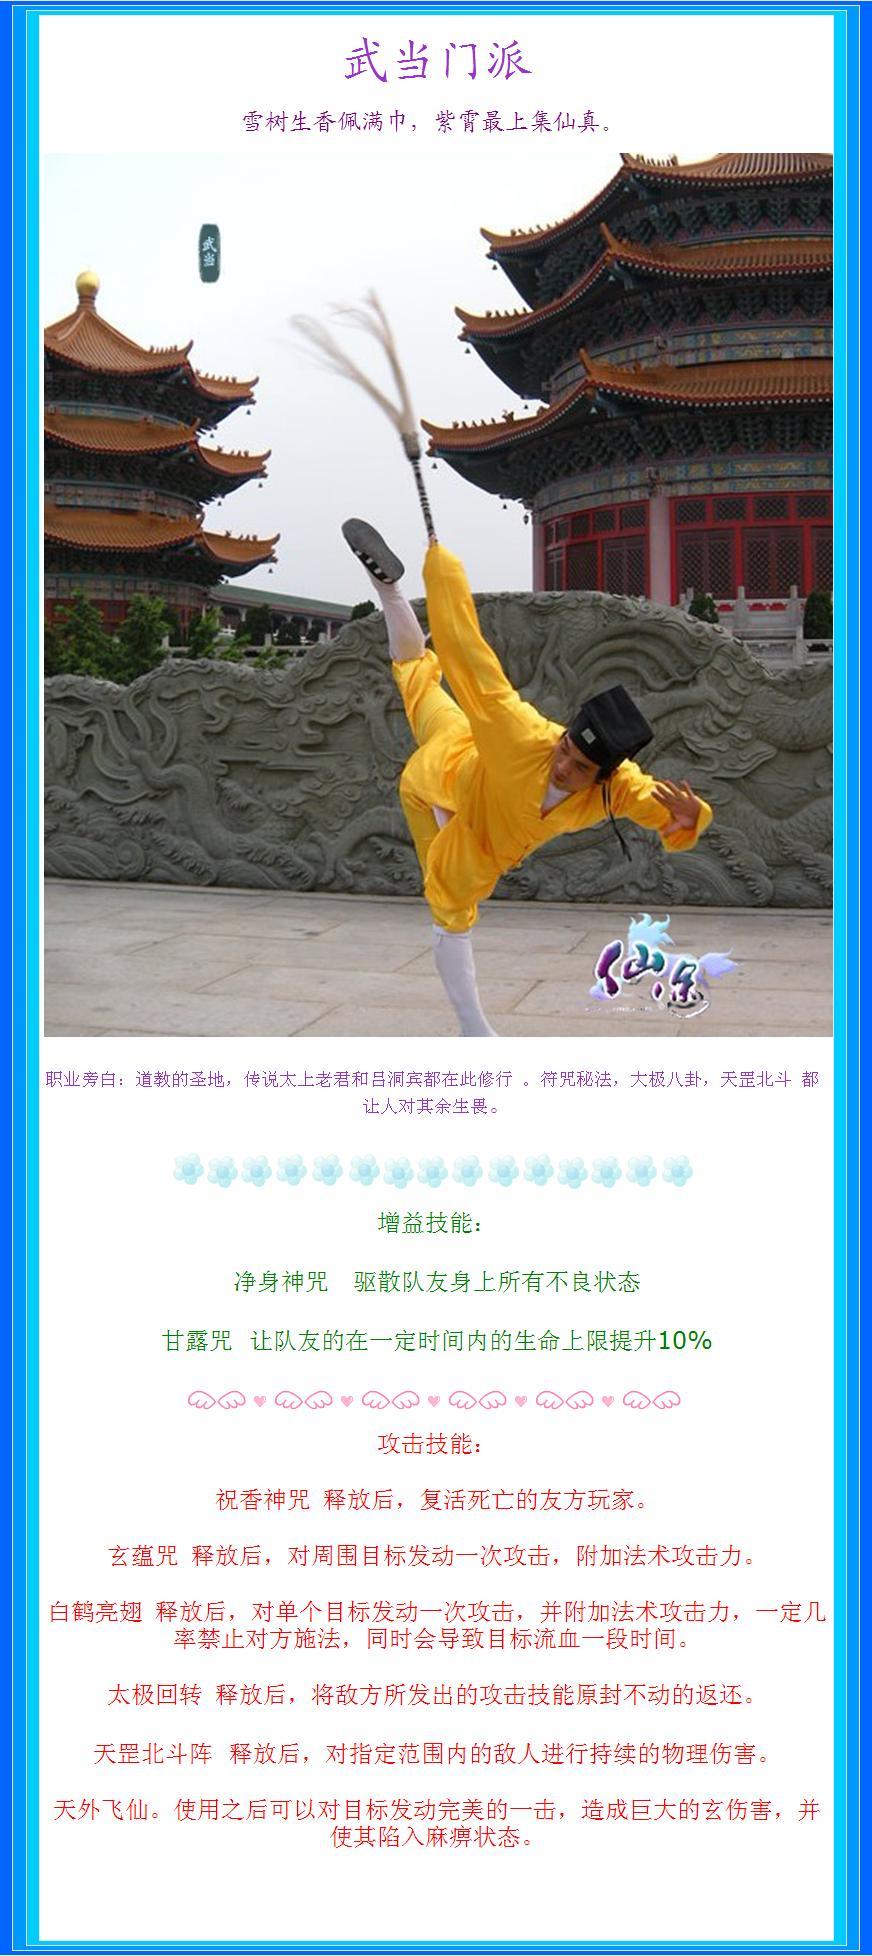 http://image.17173.com/bbs/v1/2012/03/12/1331485383836.JPG